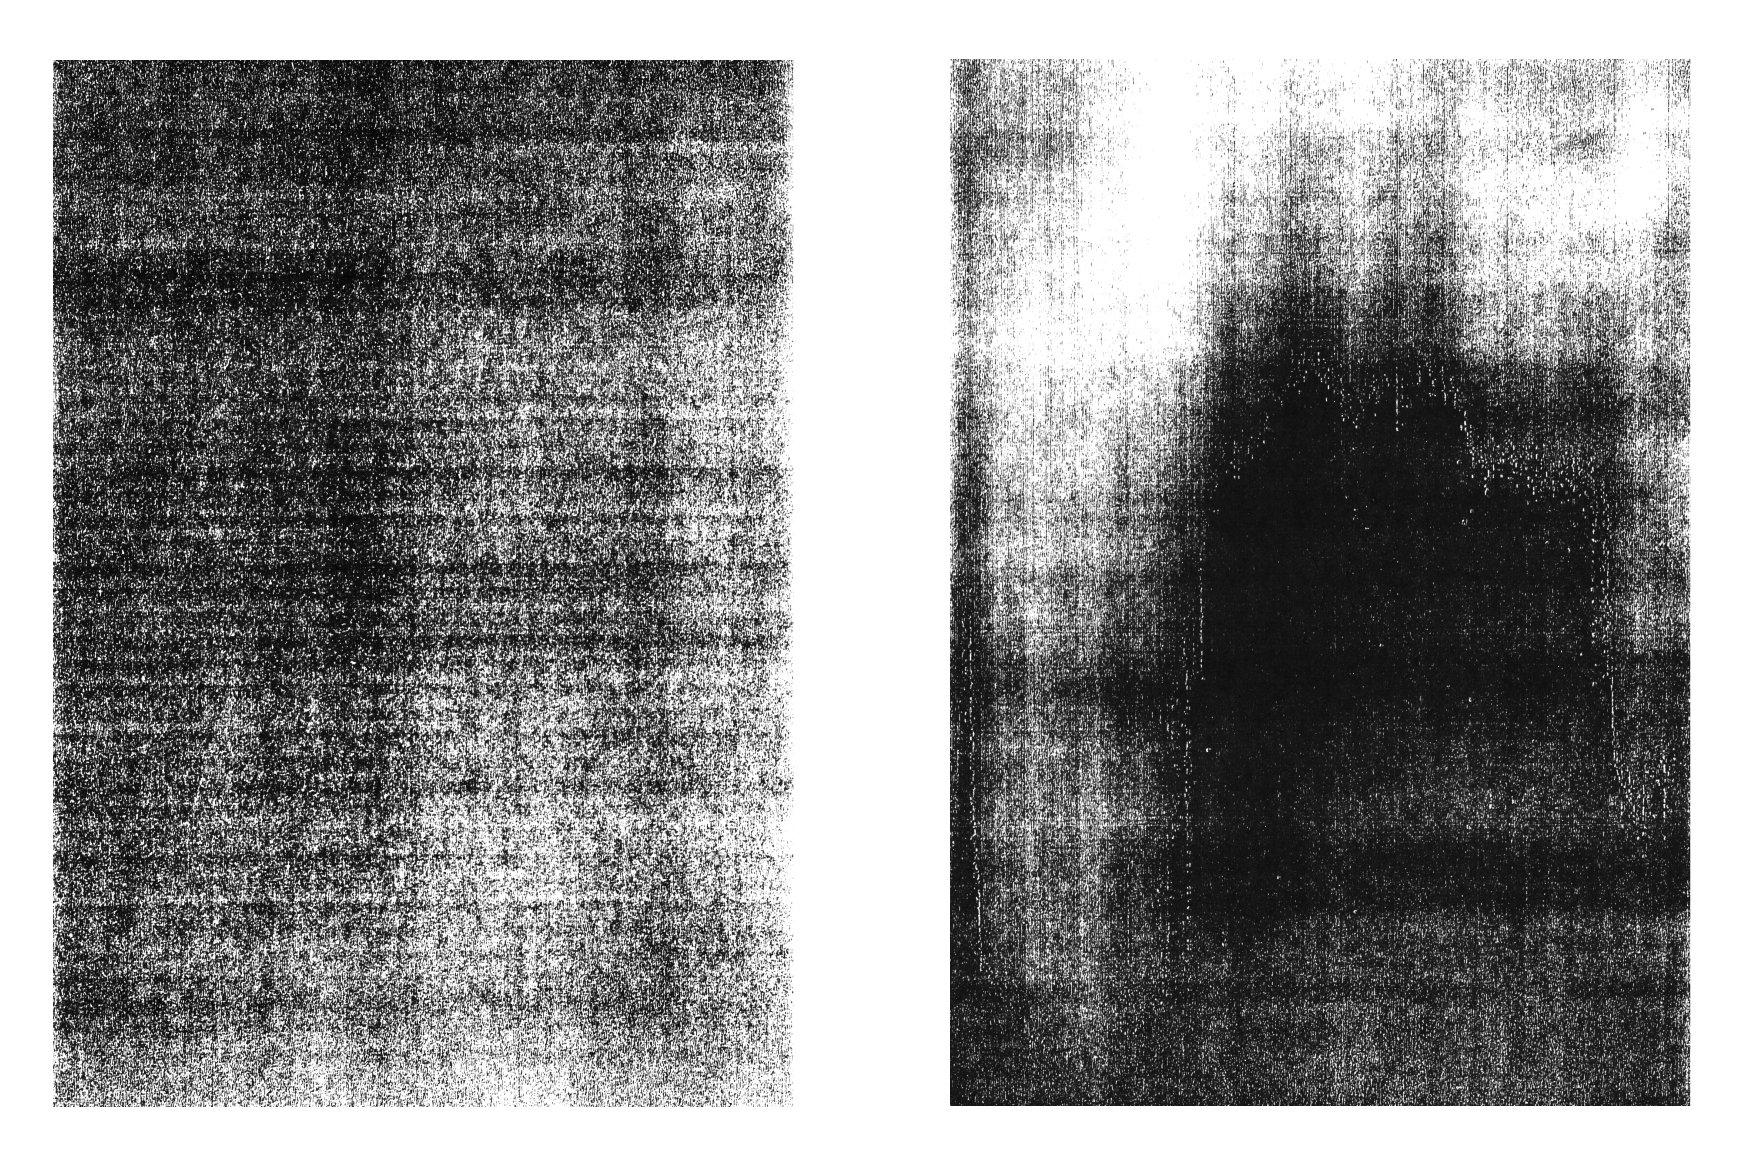 156款复古做旧折痕磨损褶皱纸张背景纹理素材合集 The Grunge Texture Bundle Vol. 1插图(88)